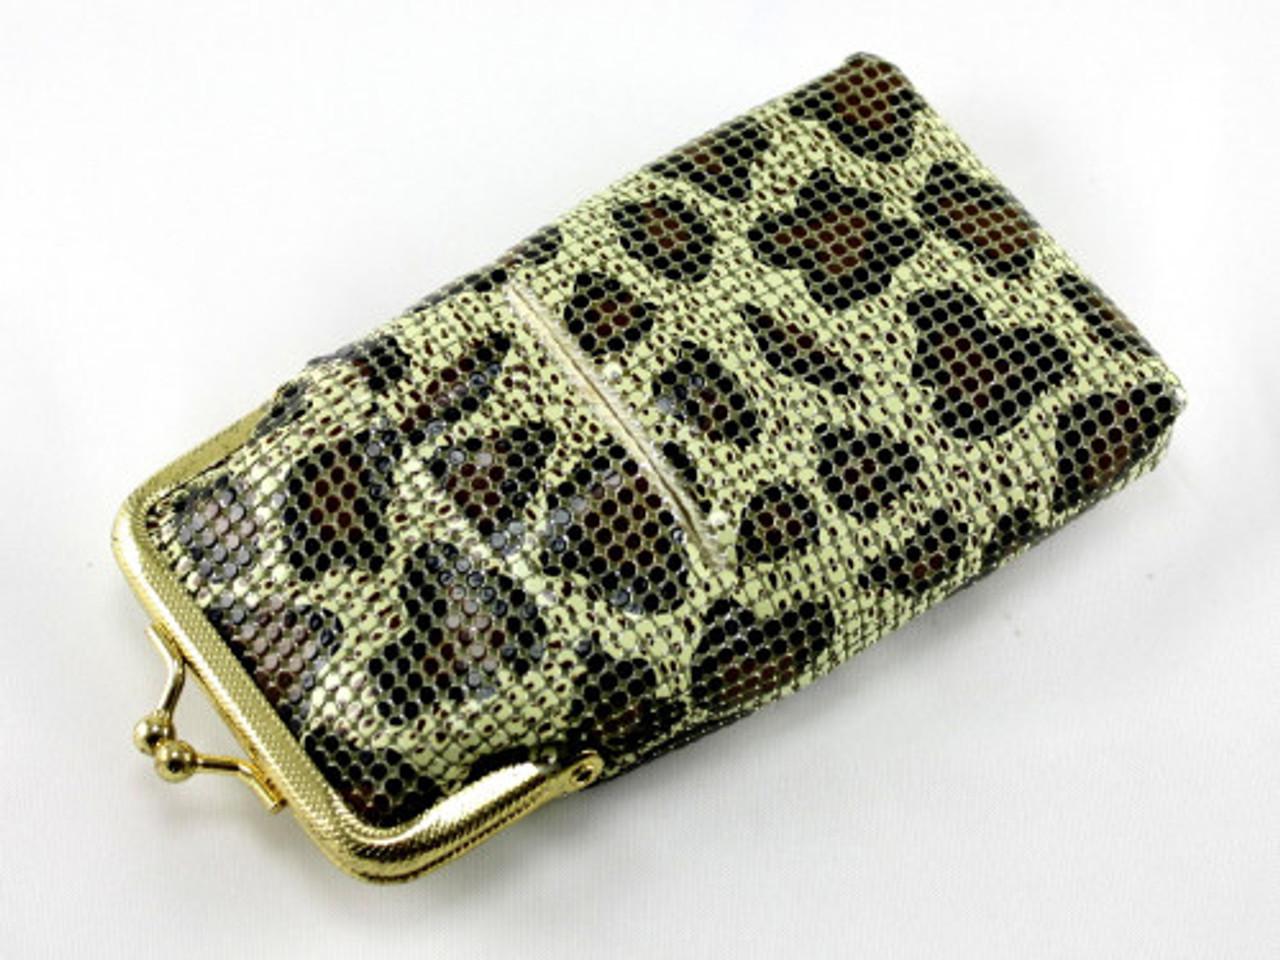 Glimmering Cheetah Cigarette Pack Holder